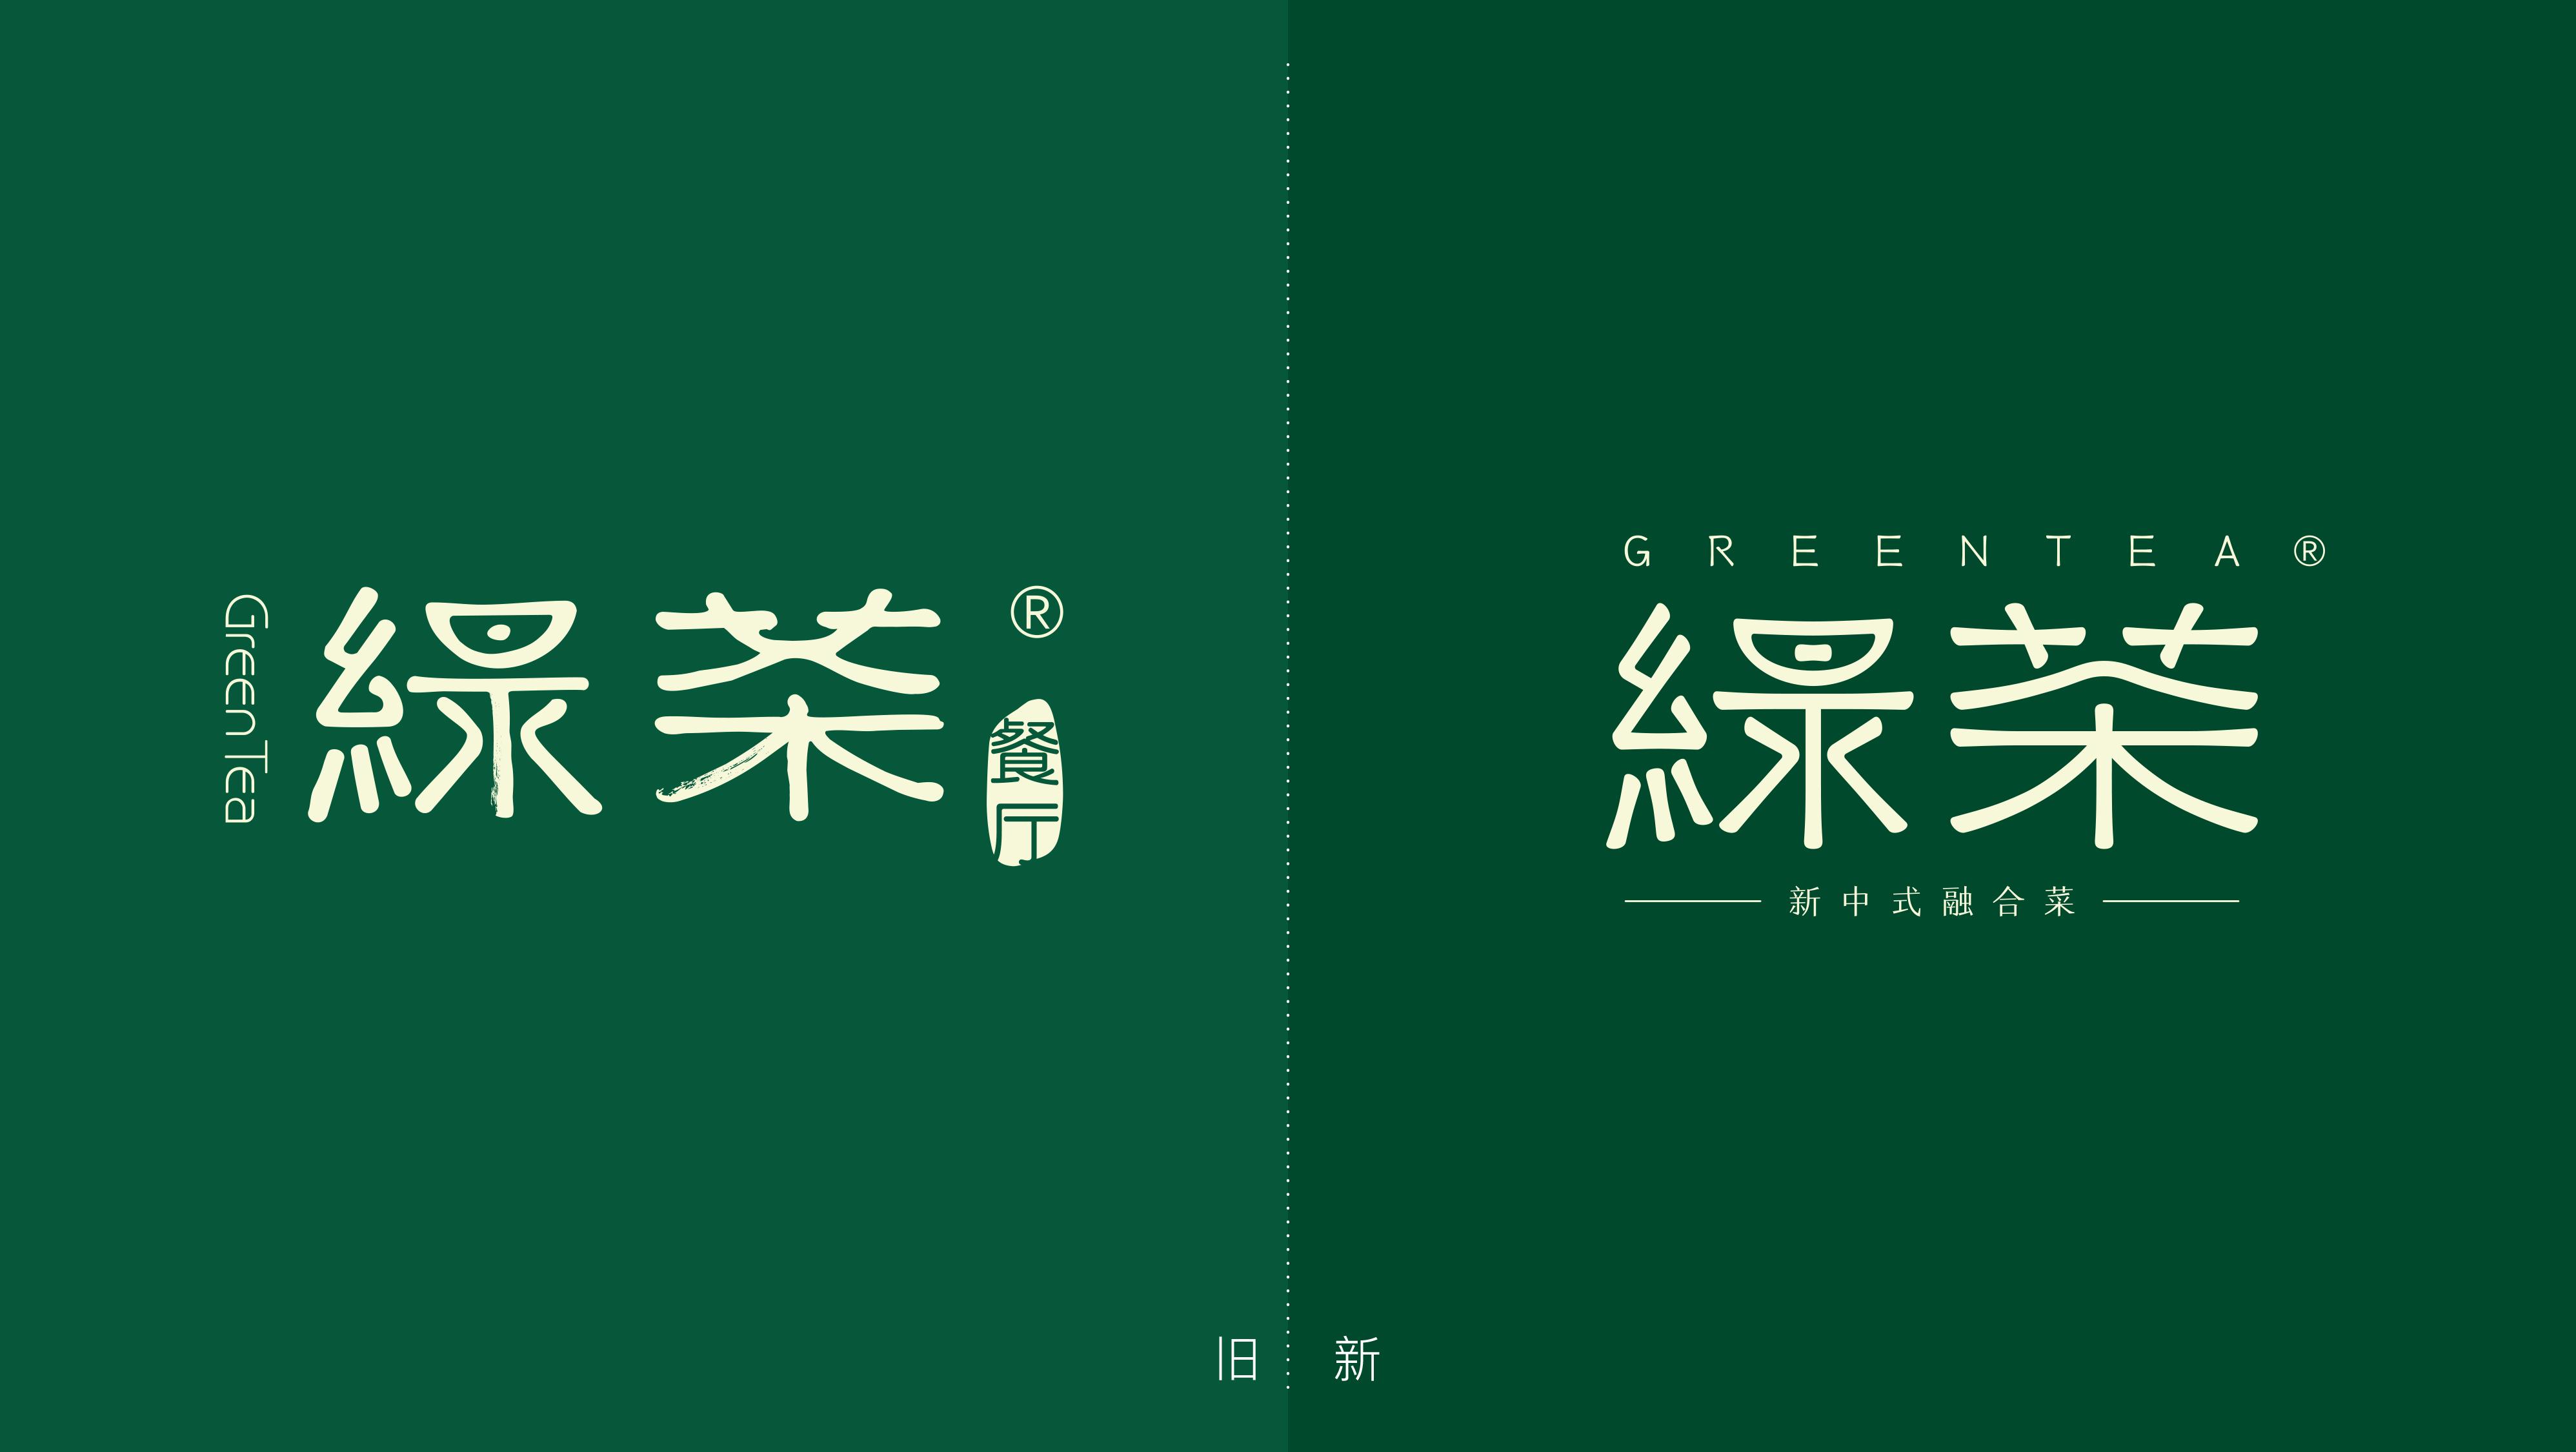 餐饮品牌设计-绿茶餐厅-杭州品牌策划设计公司